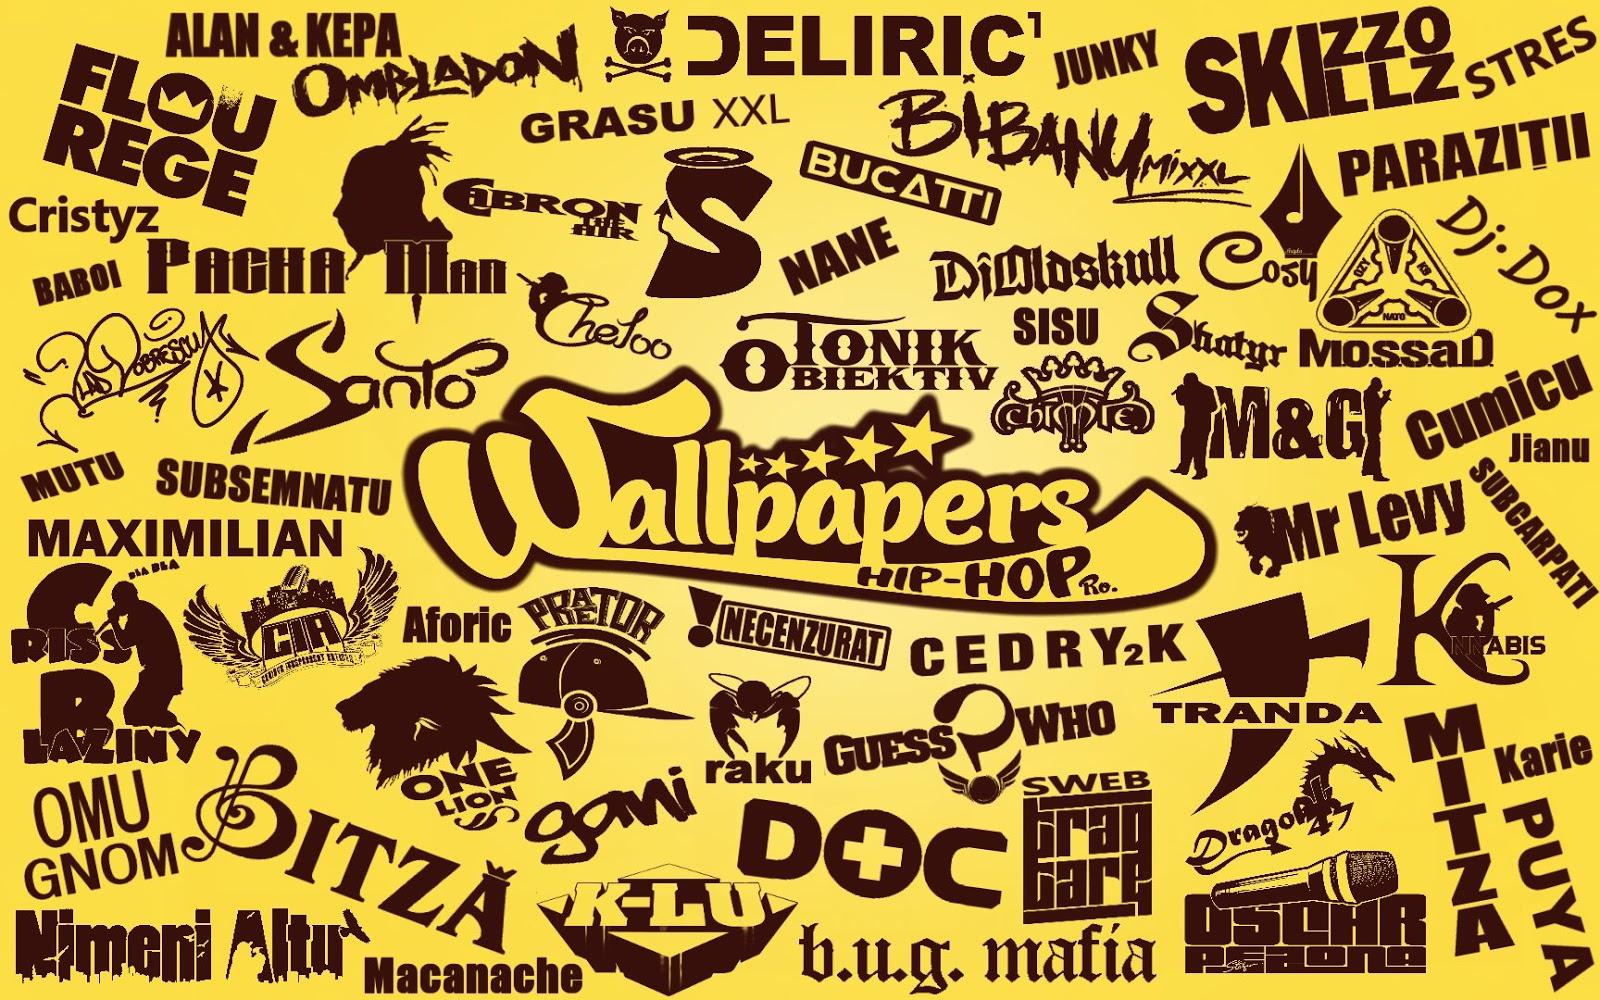 wallpapers hip-hop ro.